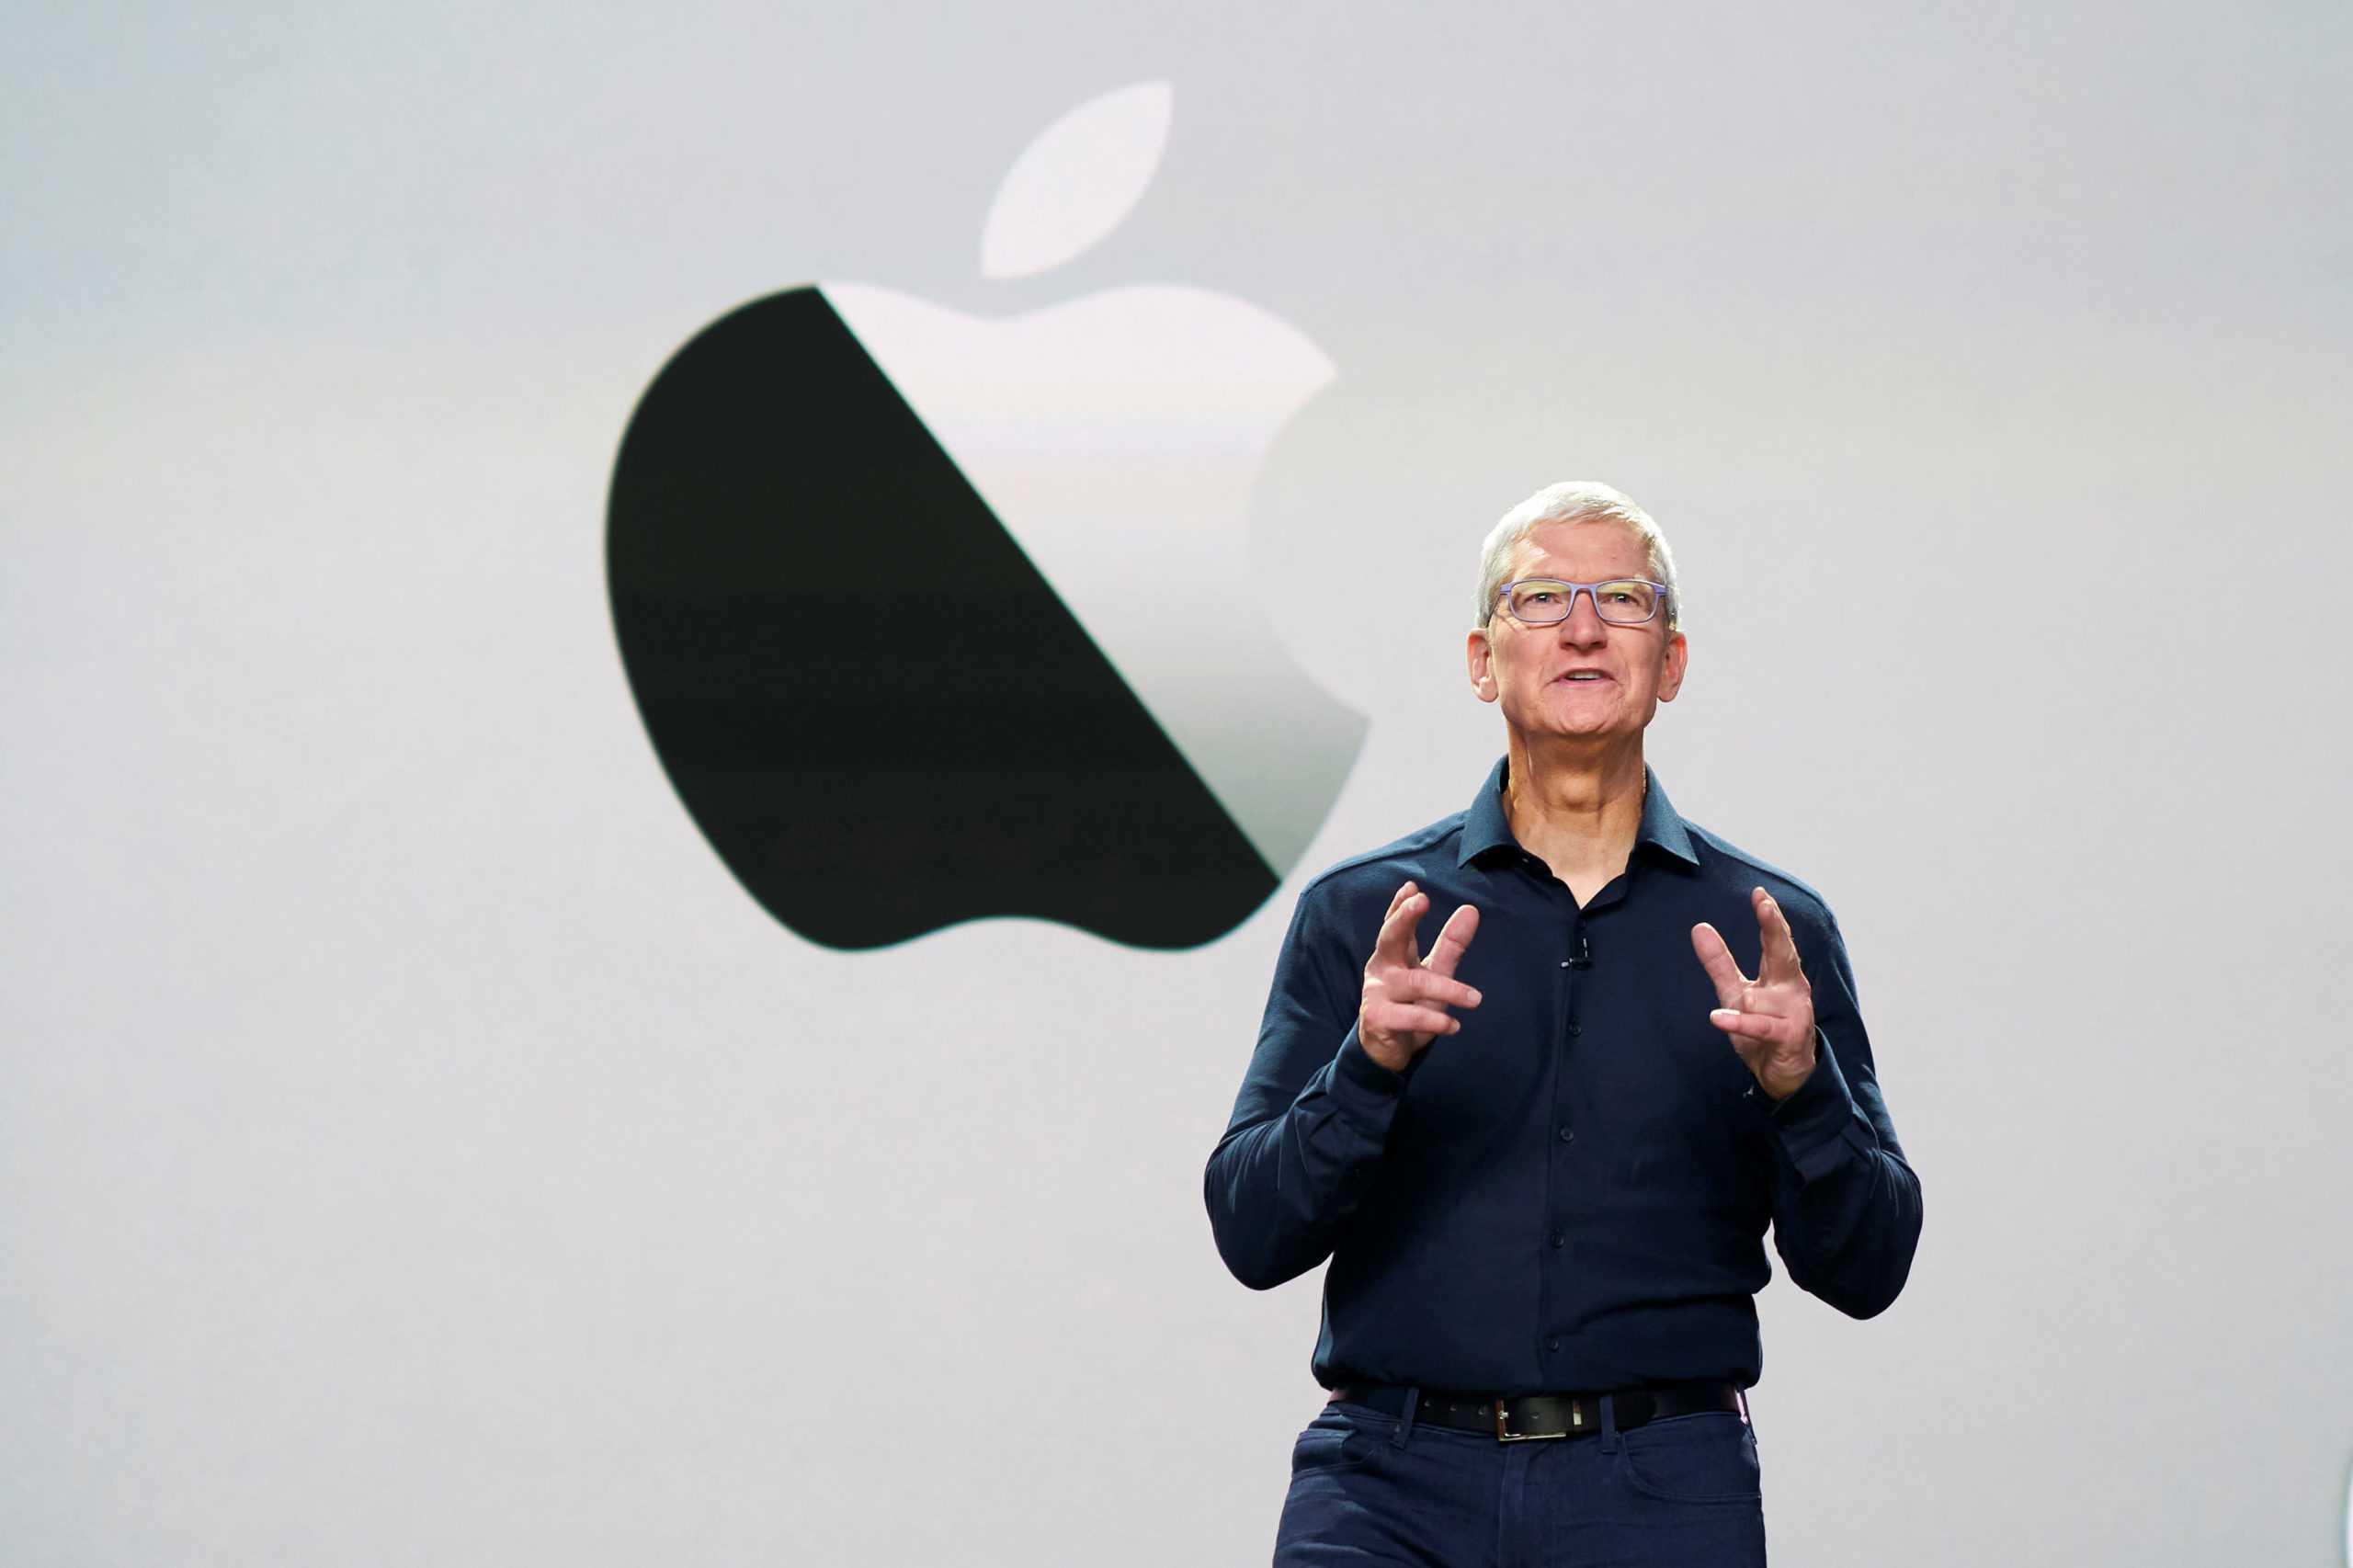 Компания apple впервые подарила своему главе тиму куку крупный пакет акций ► последние новости